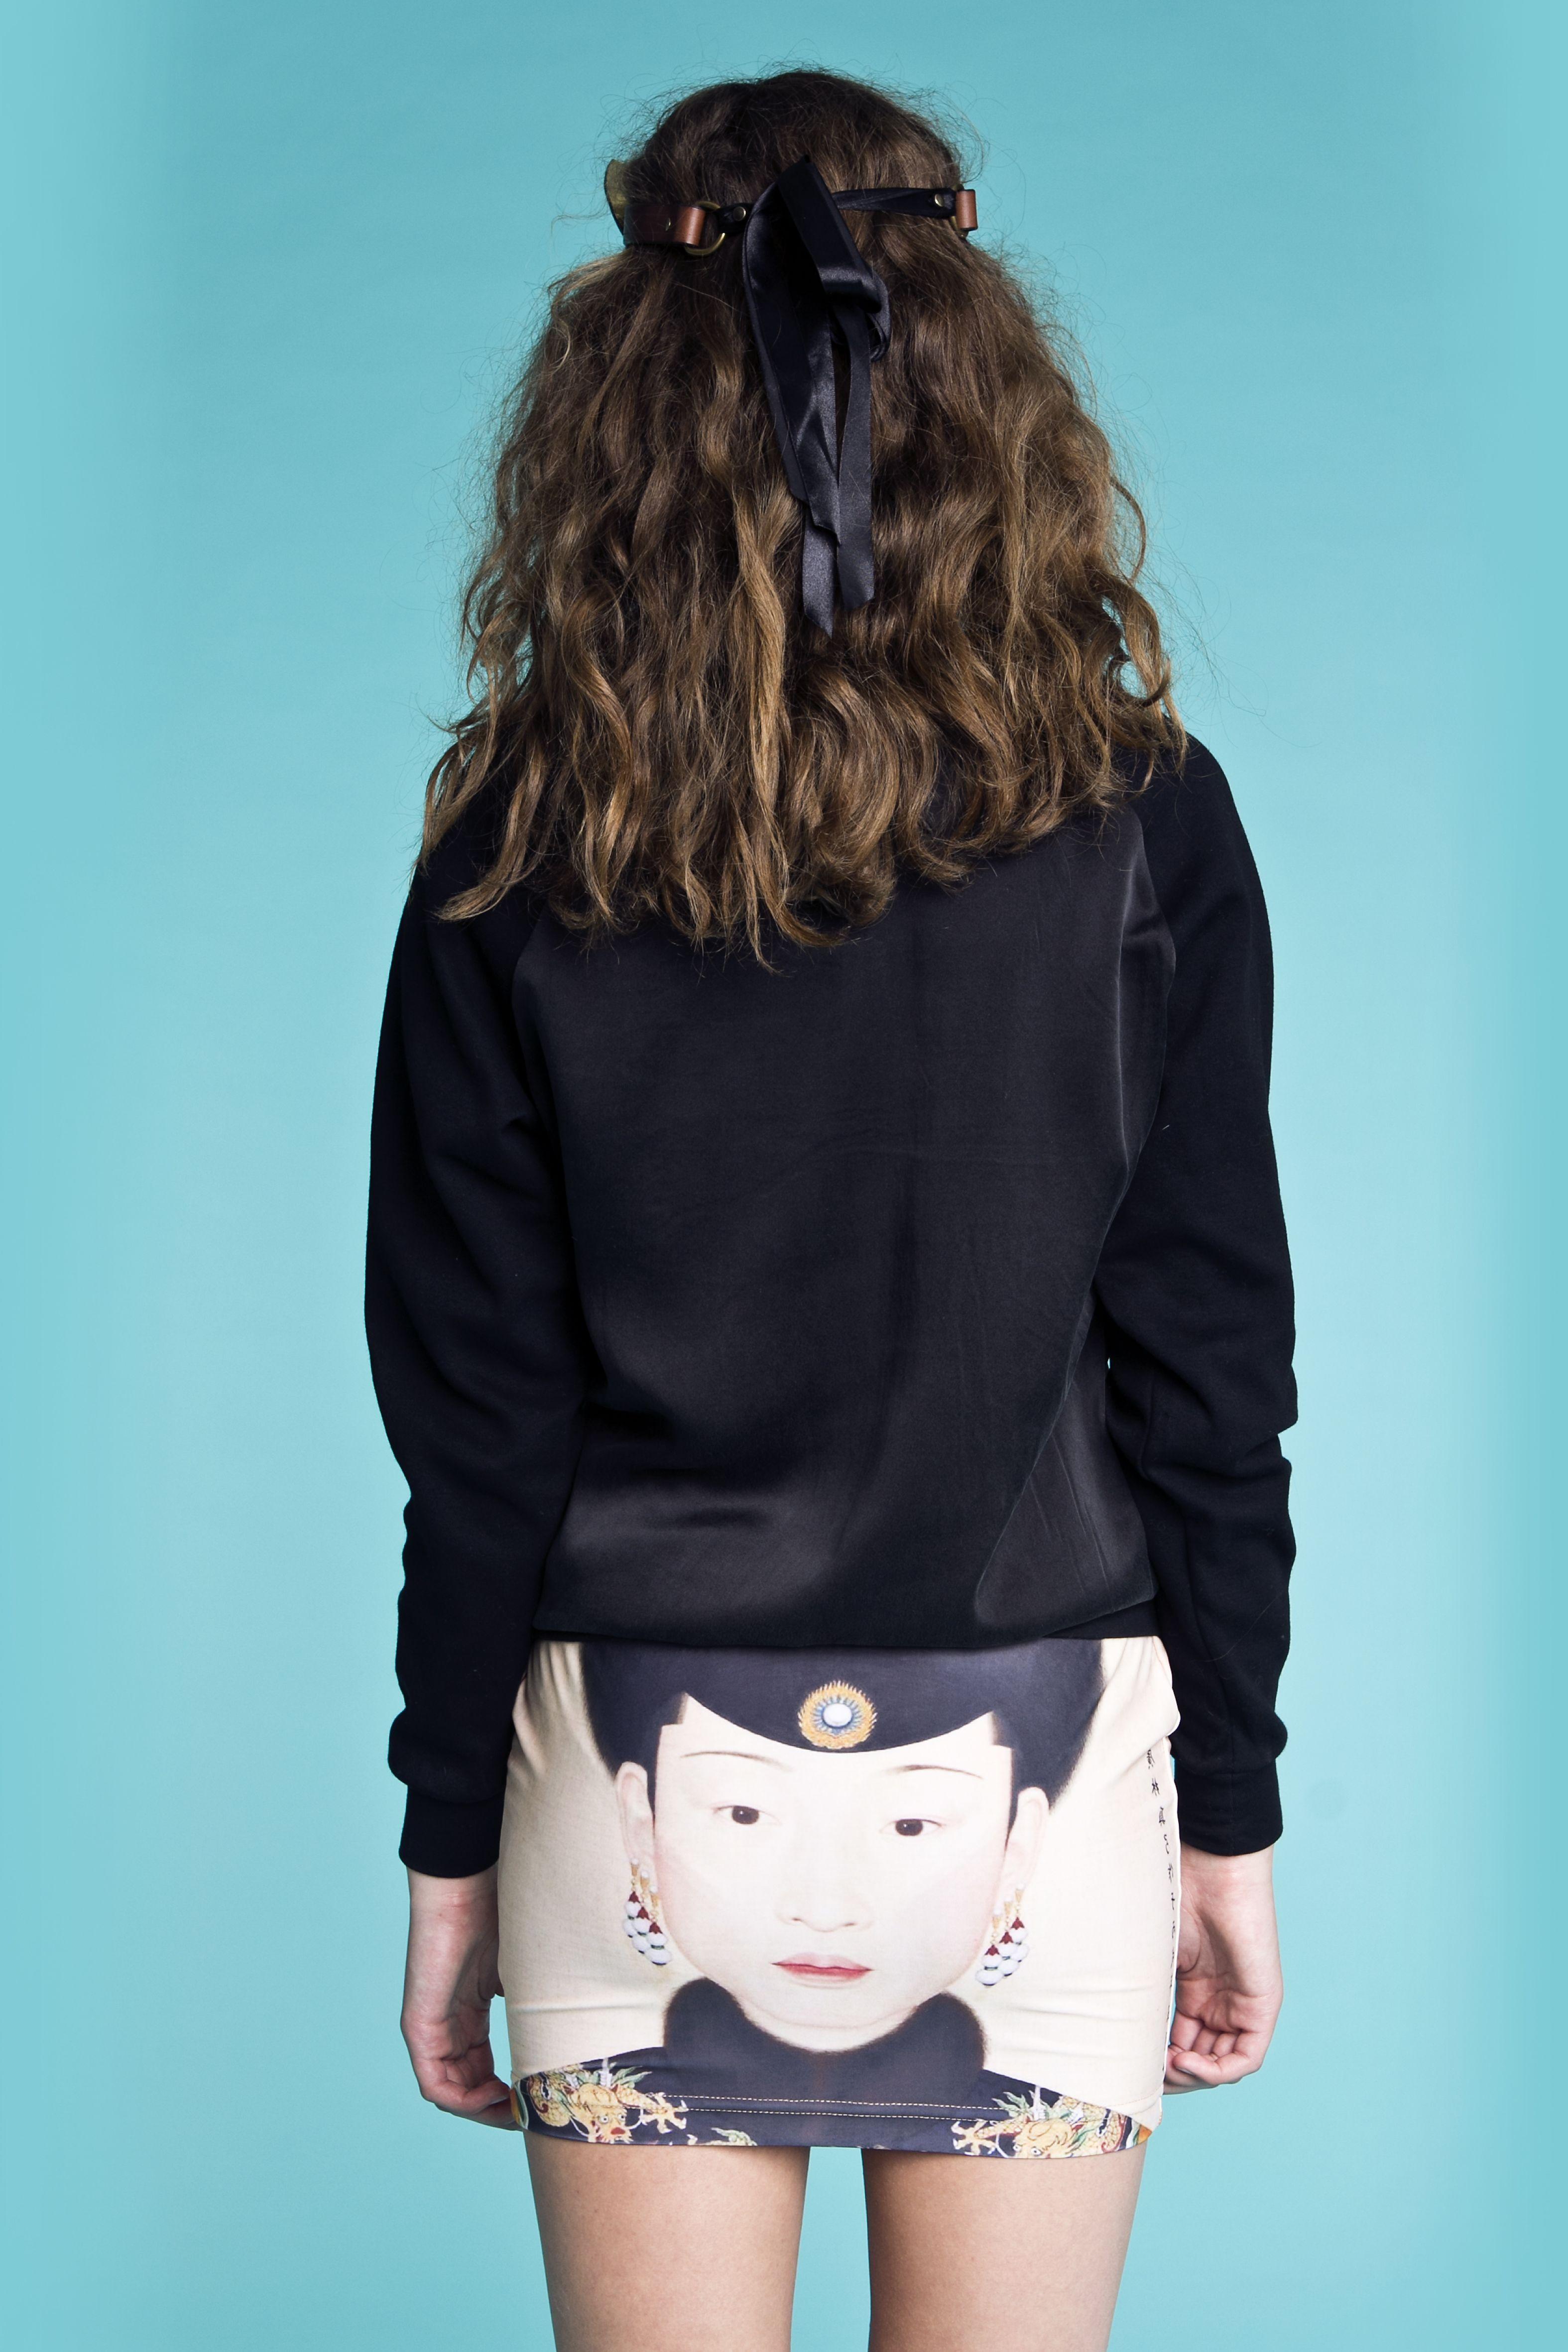 Bluse i silke fra danske POPcph. Nederdel med print fra Mr Gugu & Miss GO.  Bluse - Silke Sweatshirt, Pris: 250,-  http://frejafashion.dk/products/sweatshirt-i-silke Nederdel - Chinese Nederdel, Pris: 100,-  http://frejafashion.dk/products/chinese-nederdel